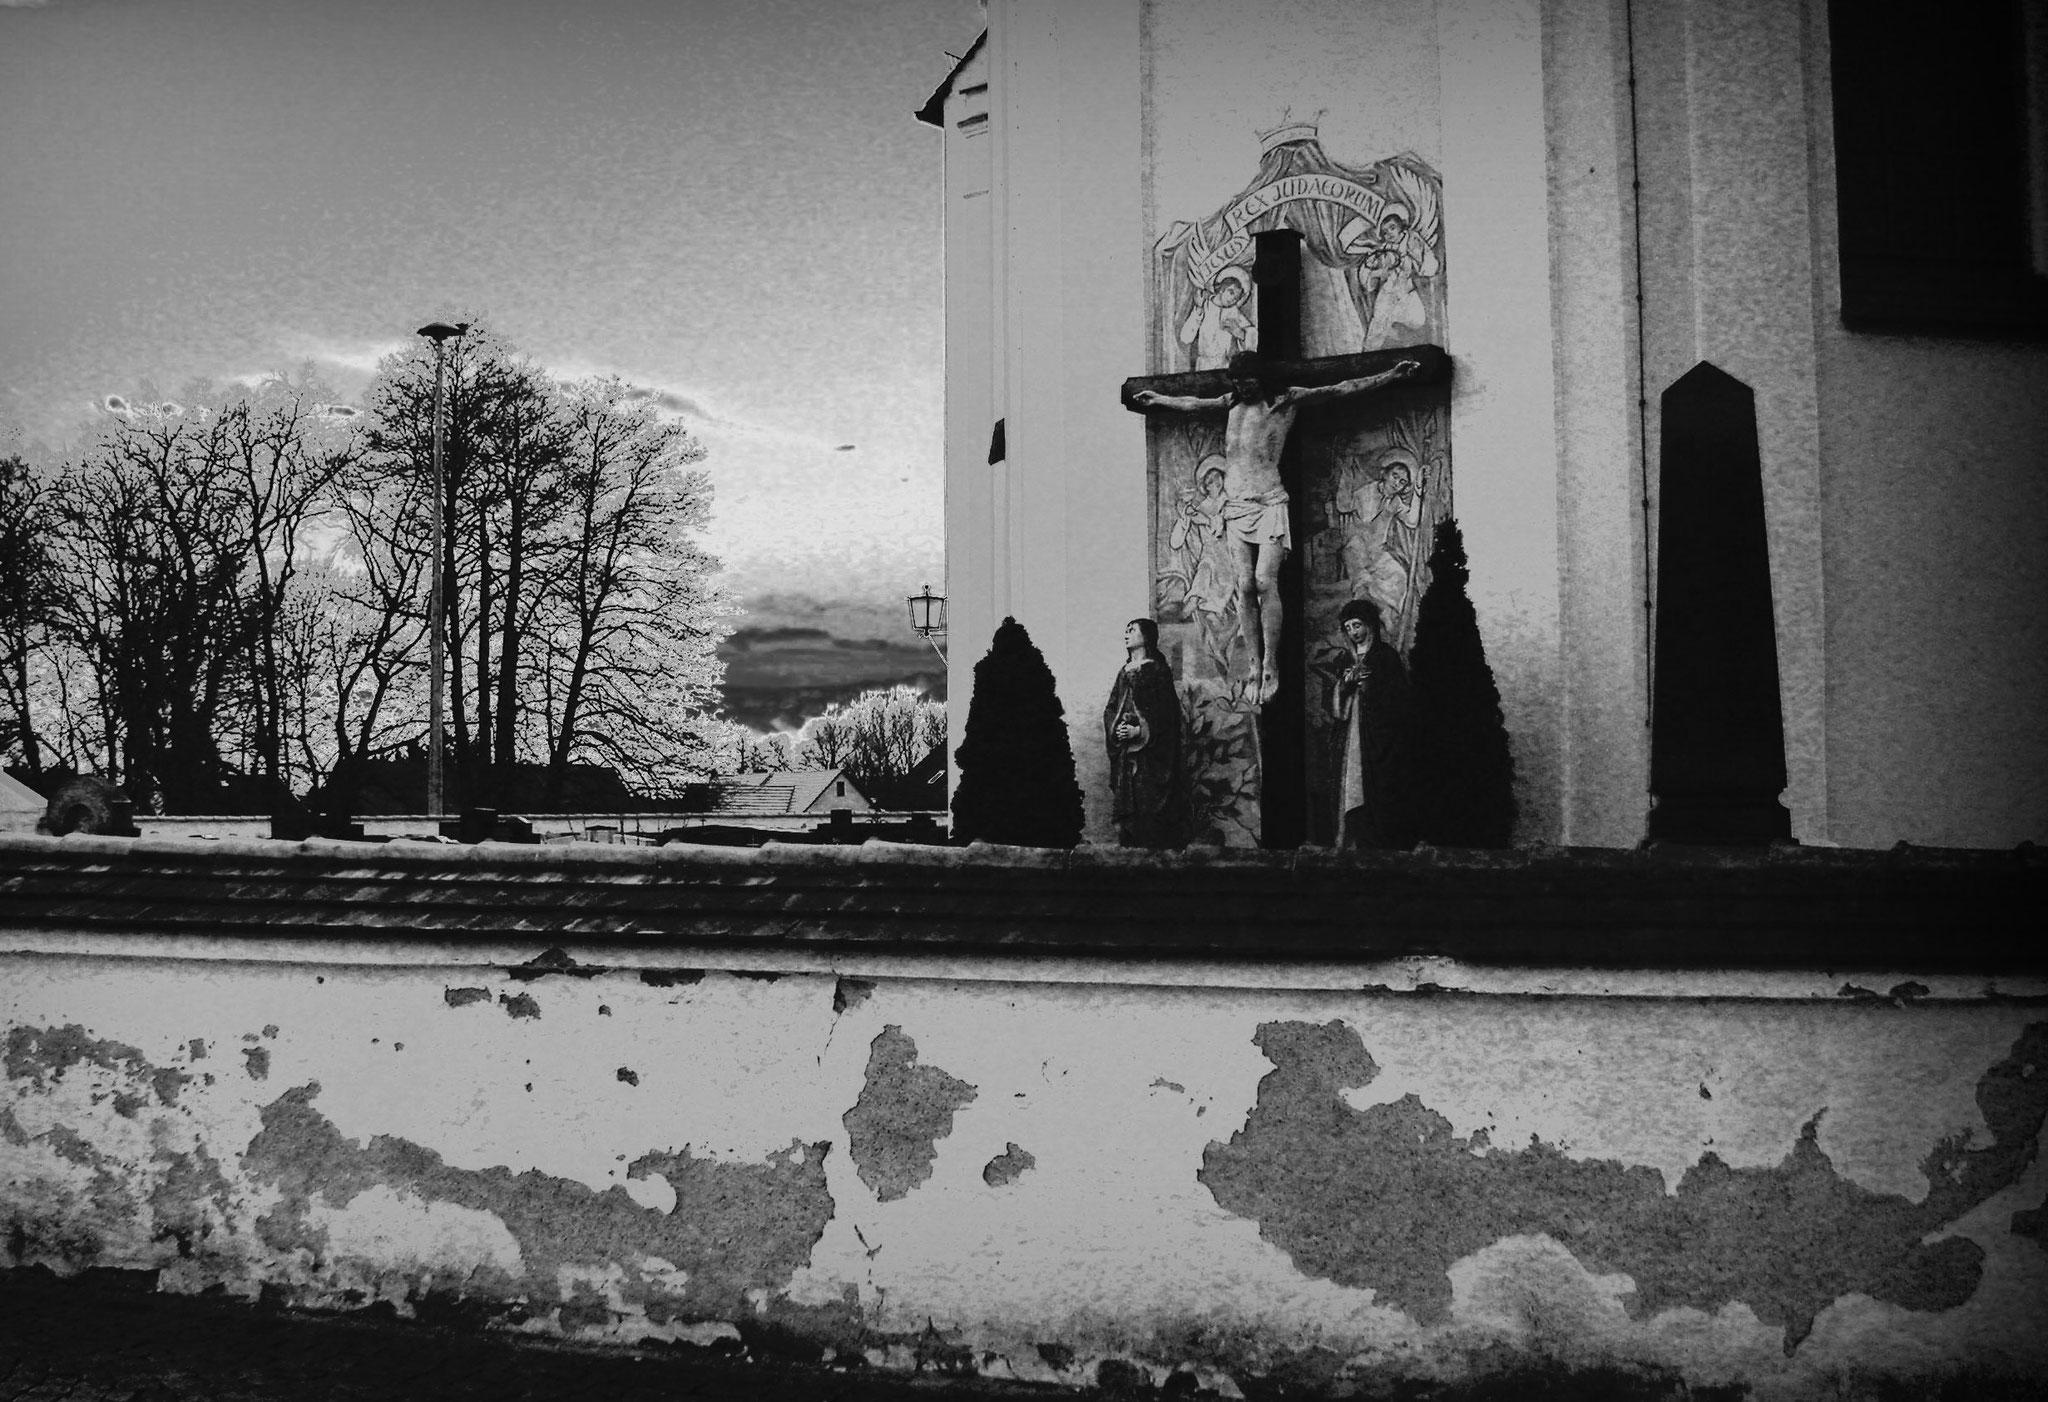 Hinter dieser Friedhofsmauer liegen die fünf Opfer und ihr Mörder bis zum heutigen Tag im selben Grab (siehe schwarzer Obelisk am rechten Bildrand)